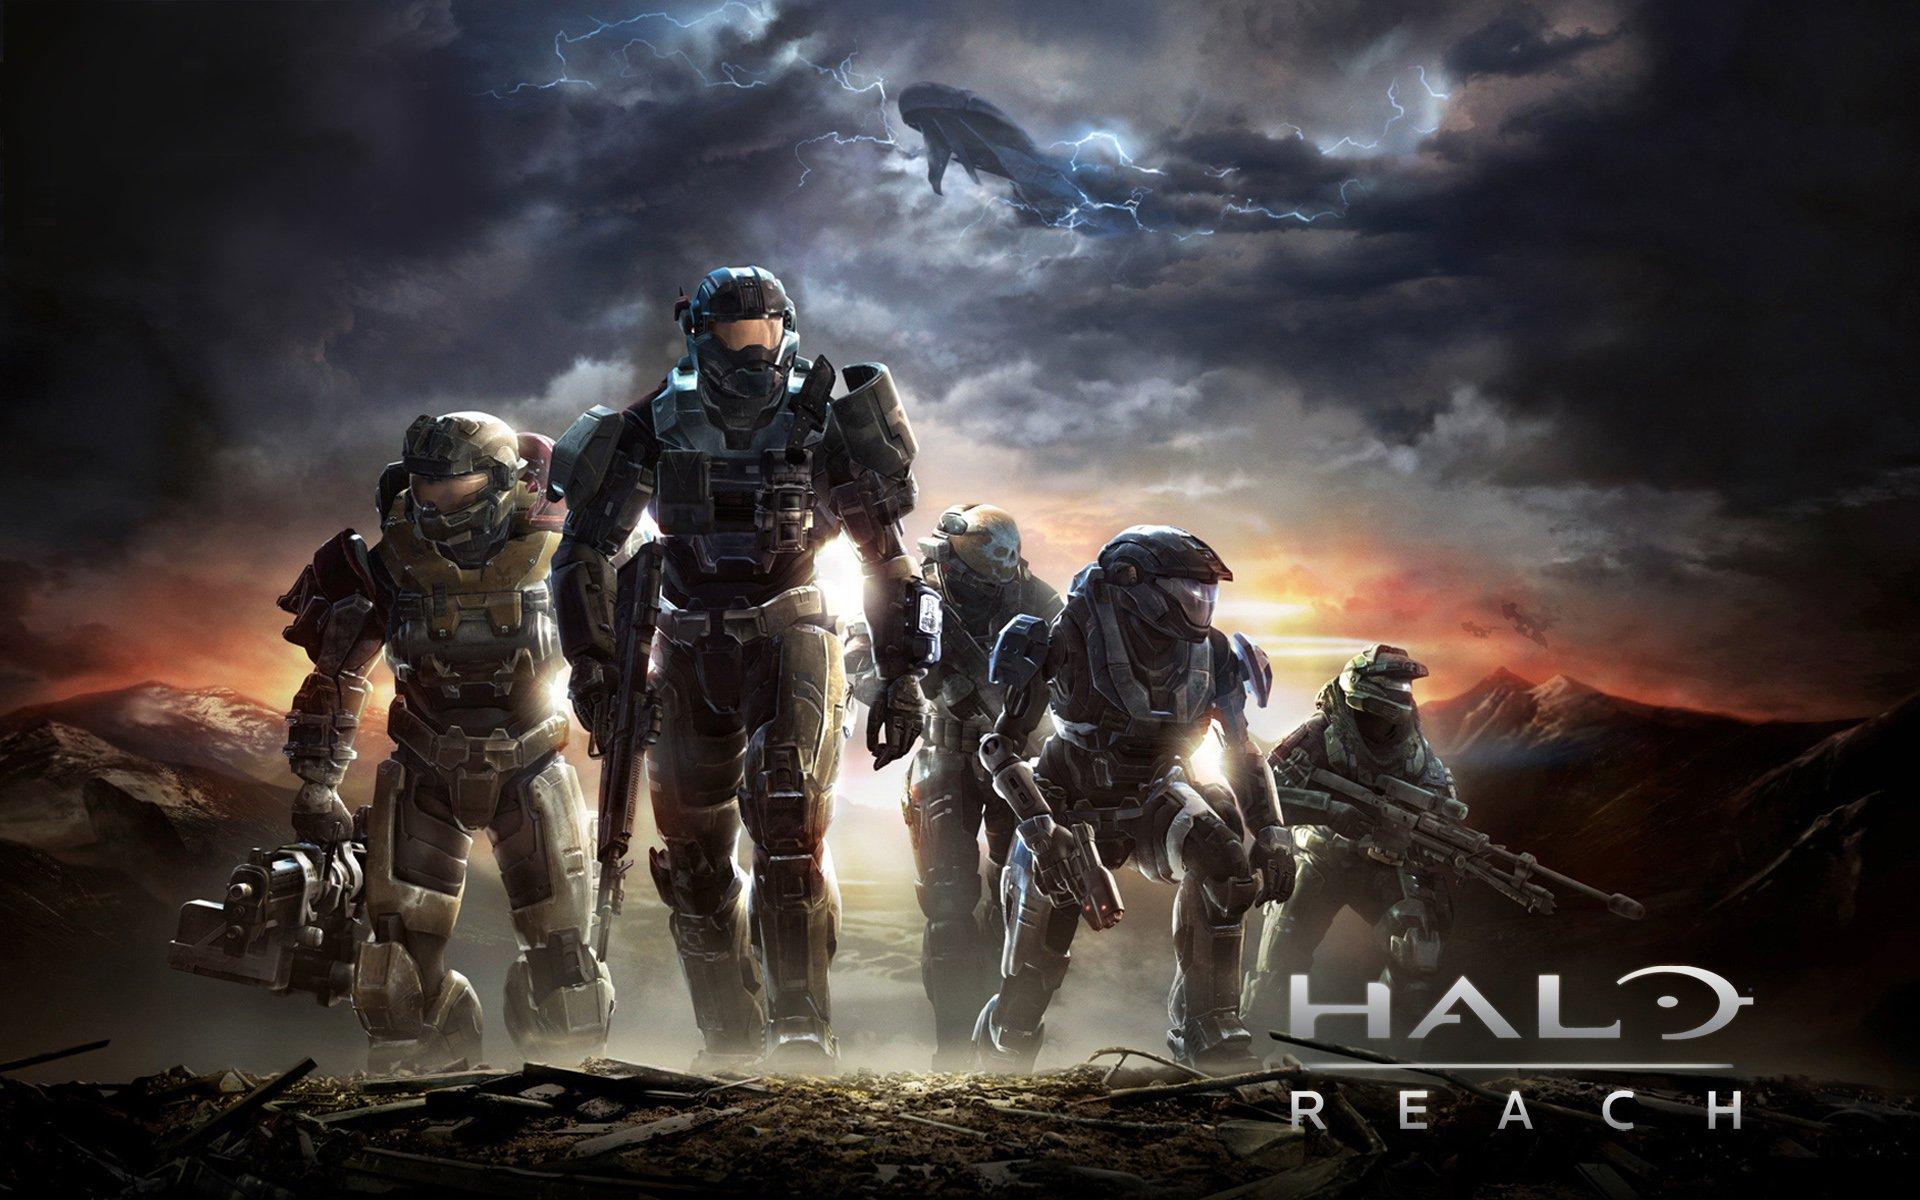 Halo Reach || Libreplay, 1re plateforme de référencement et streaming de films et séries libre de droits et indépendants.